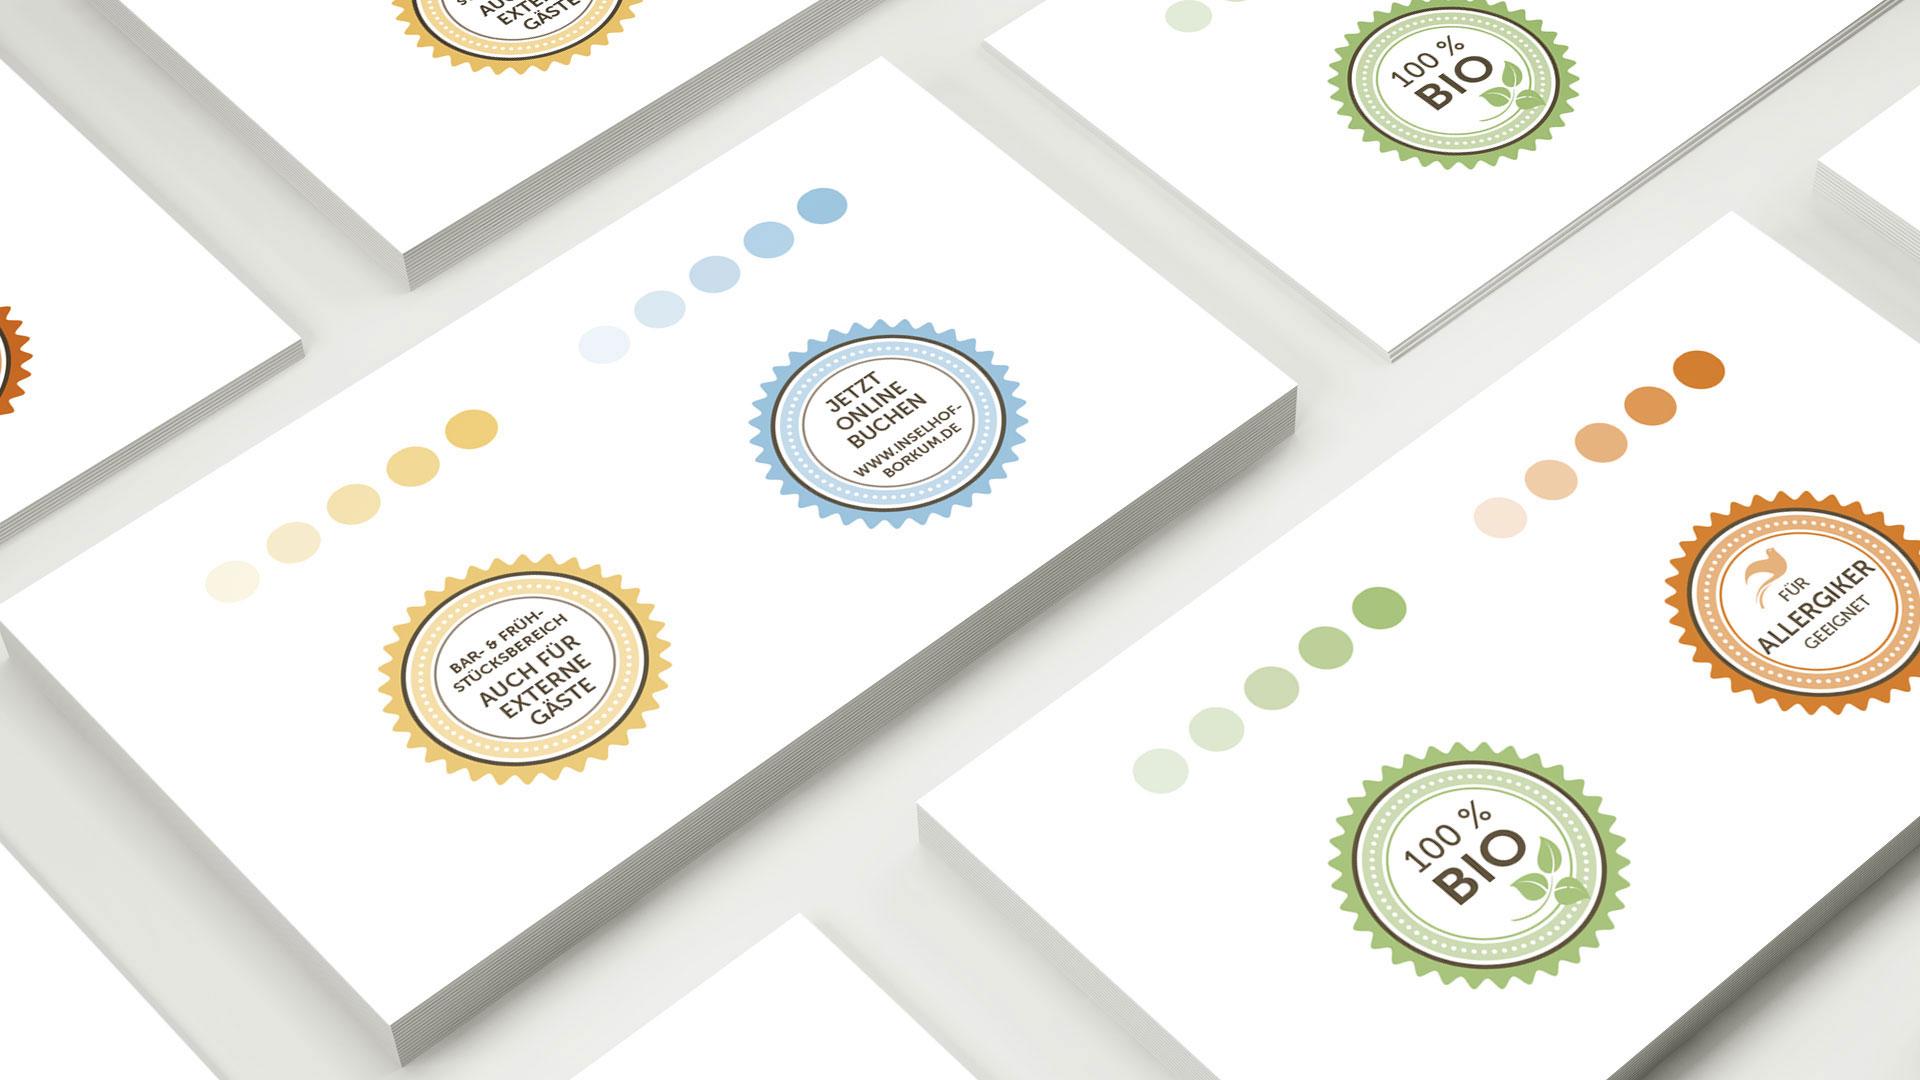 """artventura-Projekt Coporate-Design-Entwicklung für das 4-Sterne-Hotel """"Inselhof Borkum"""": Farbwelten und Icons"""